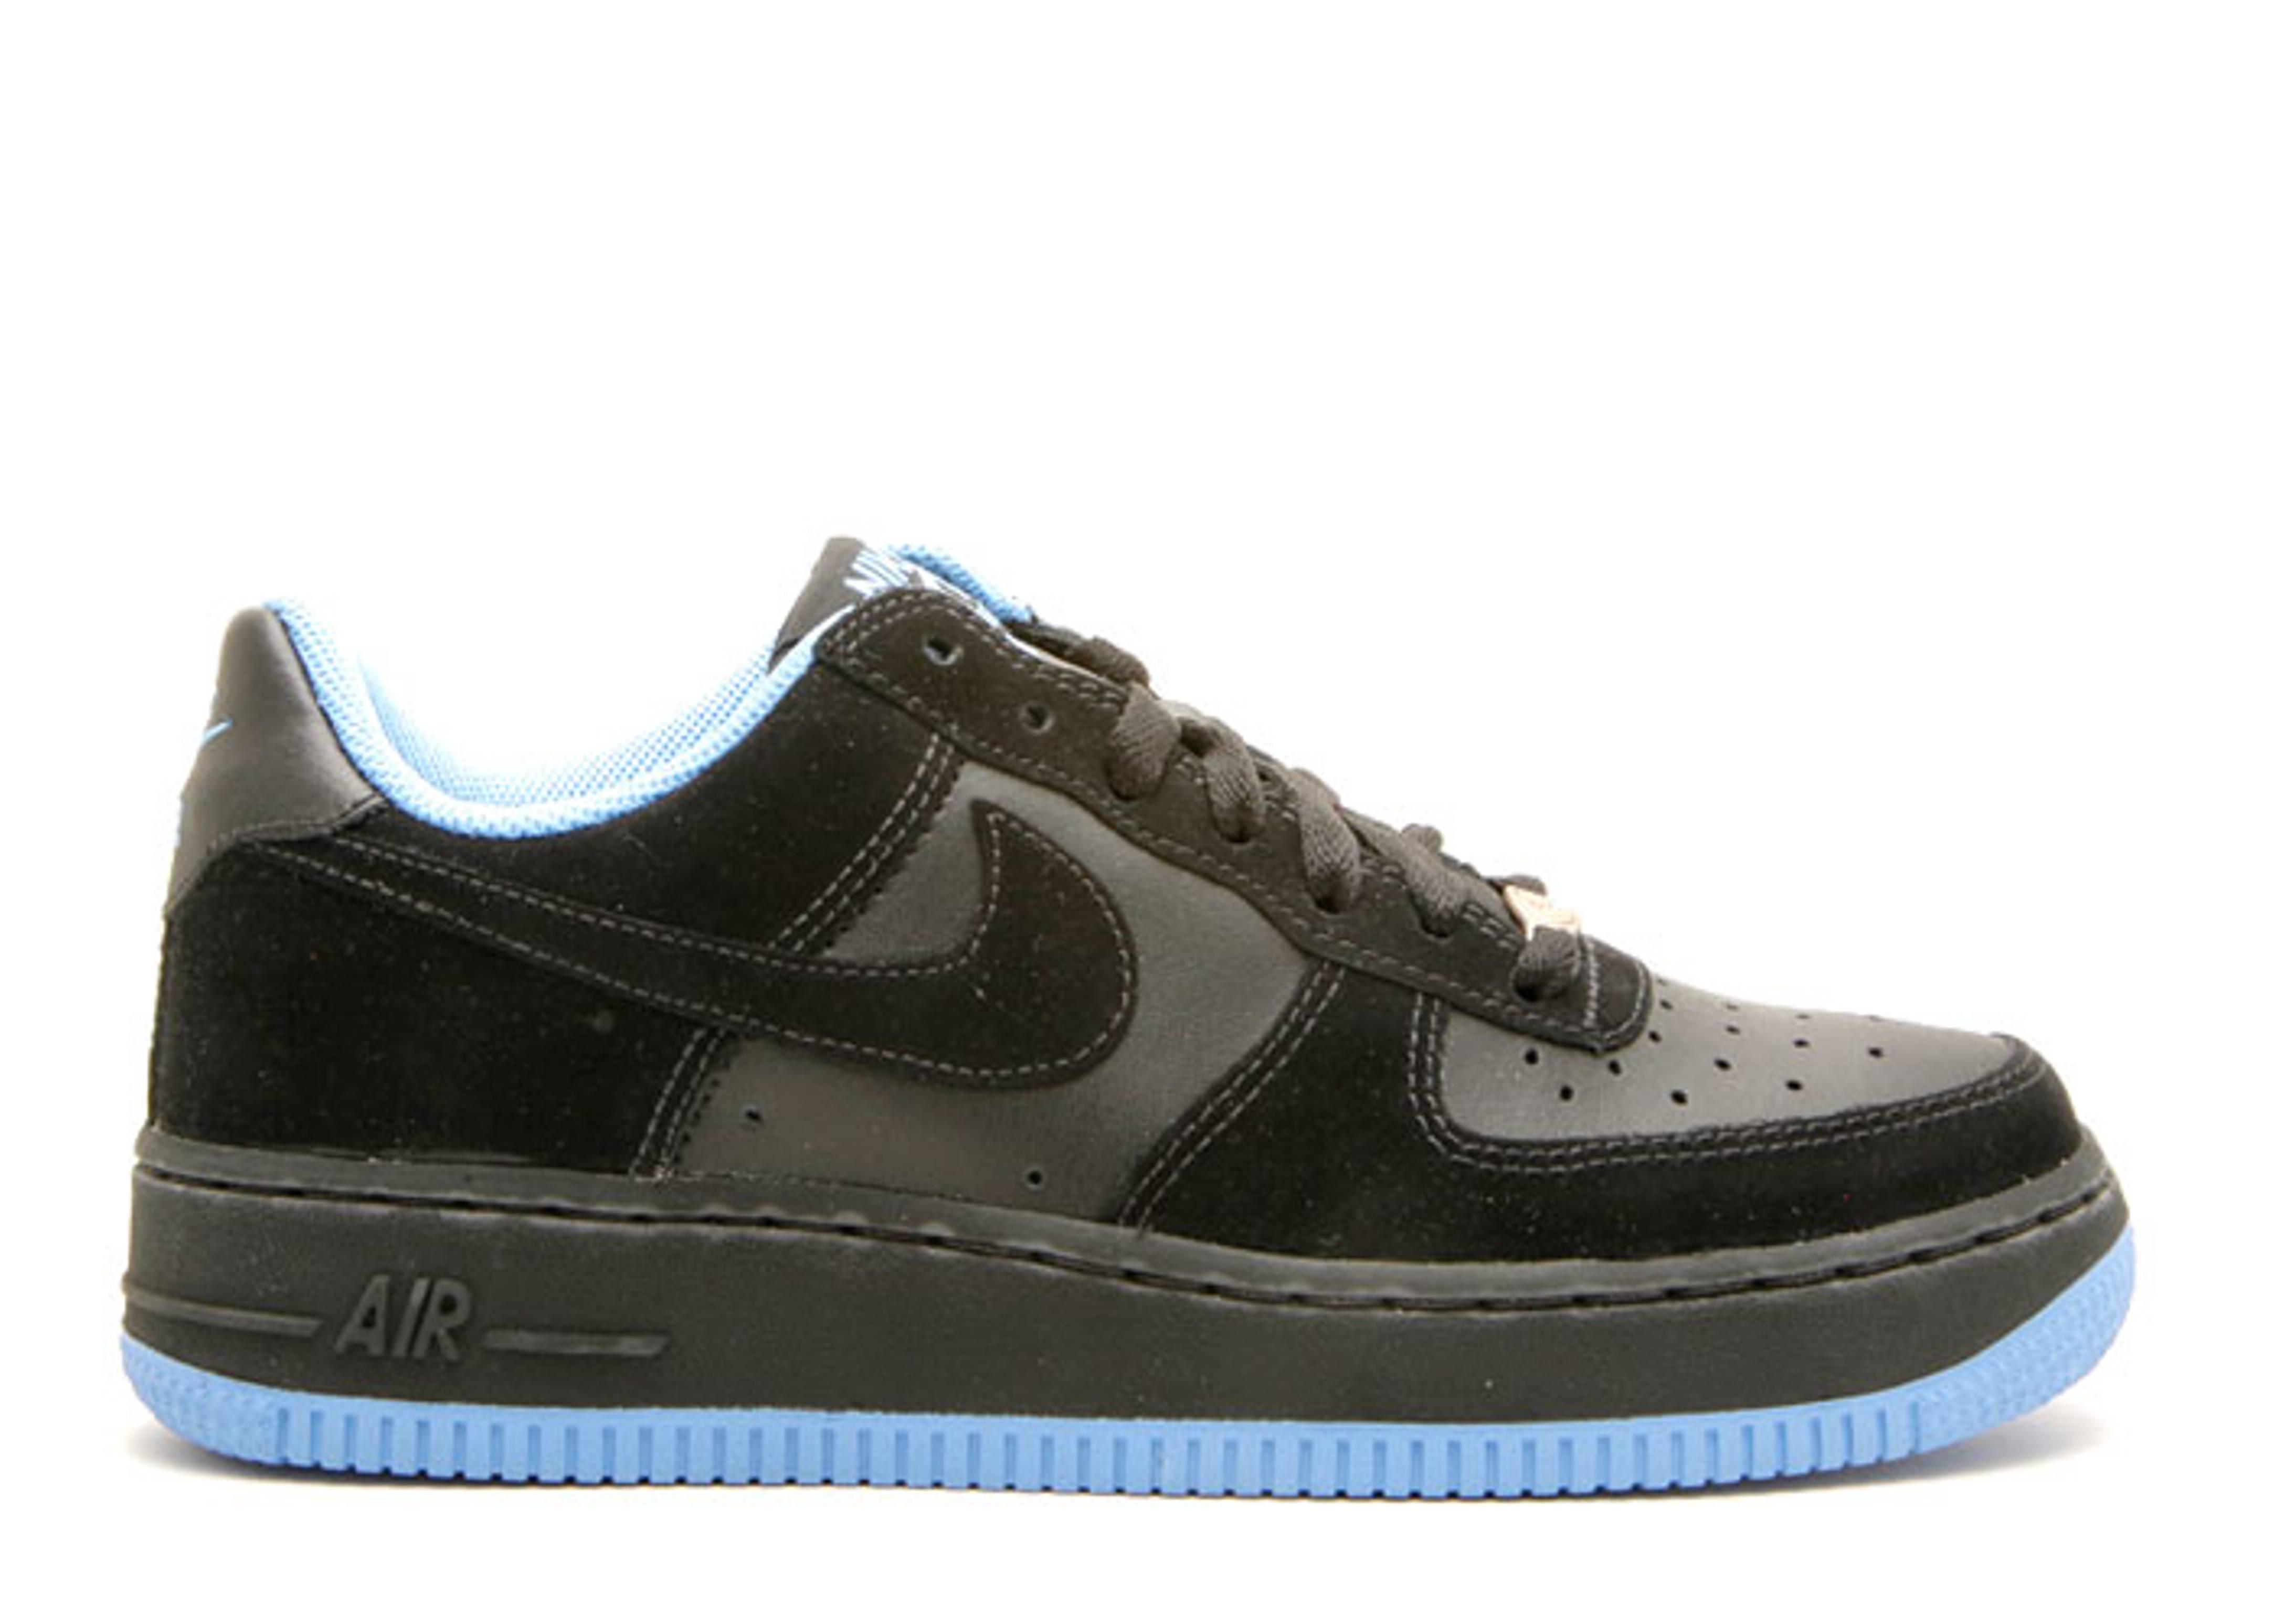 air force 1(gs)